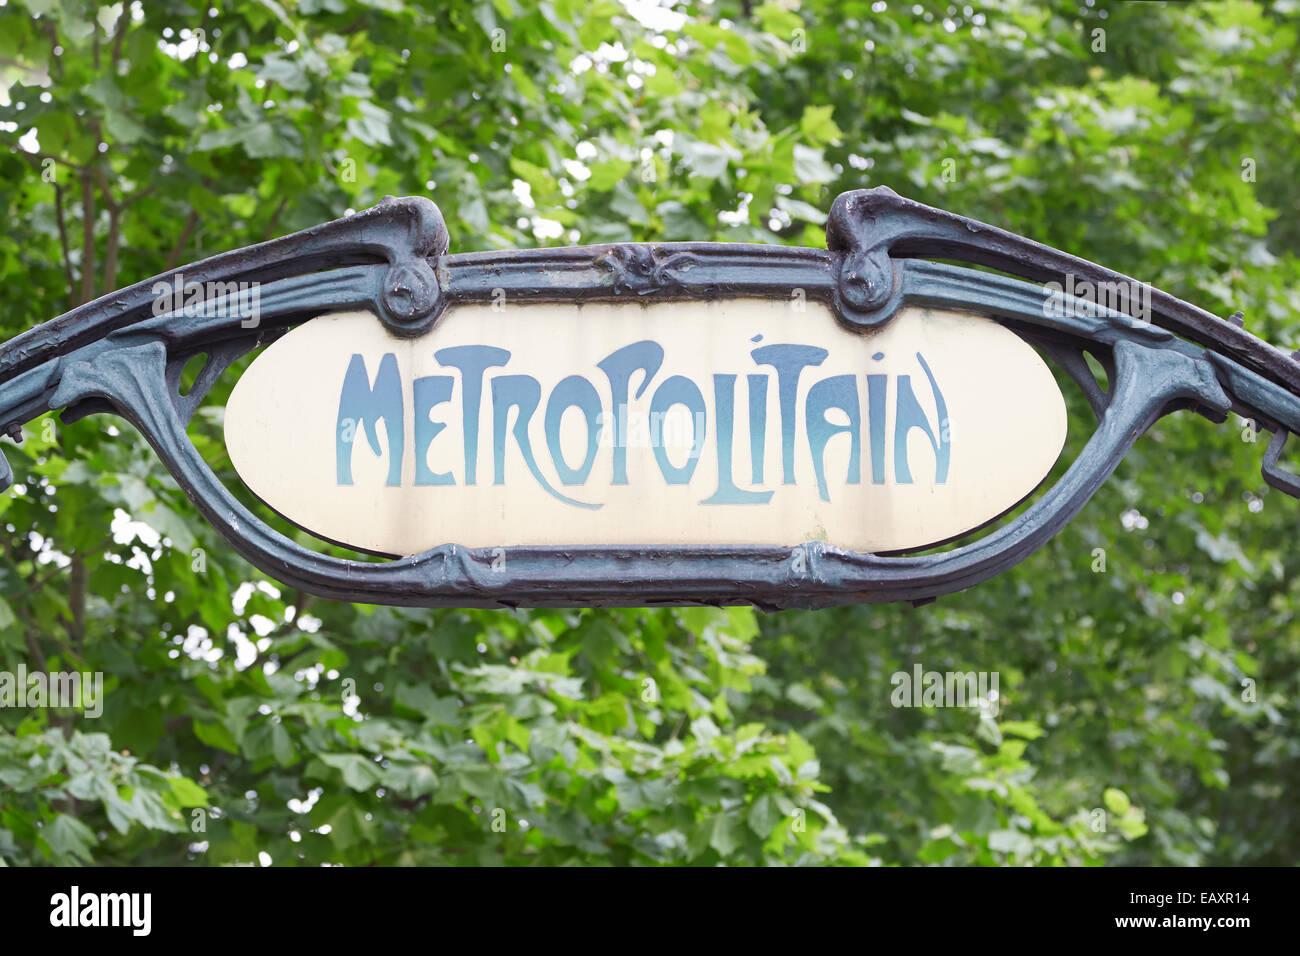 Paris metro, old art nouveau subway sign - Stock Image